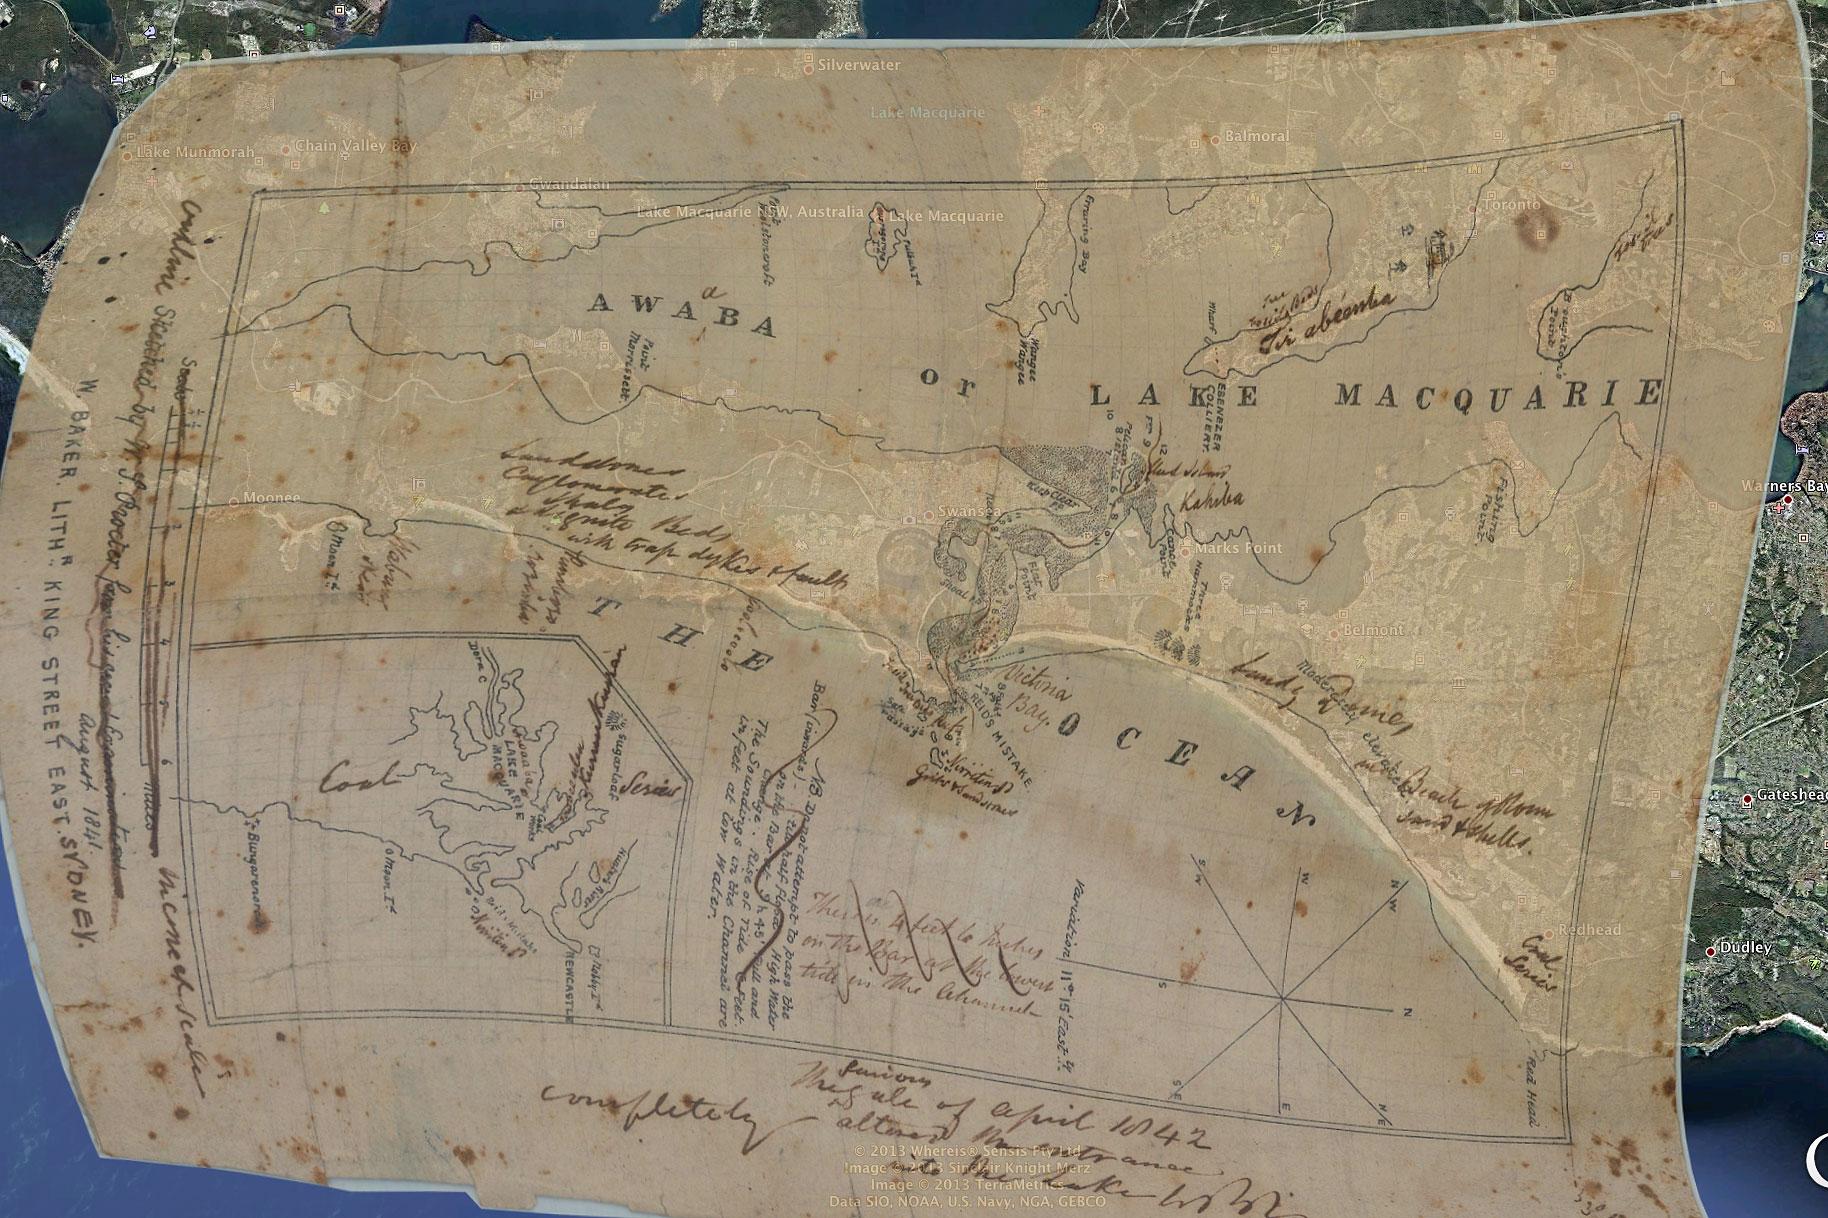 1841 Awaaba Map overlay in Google Earth